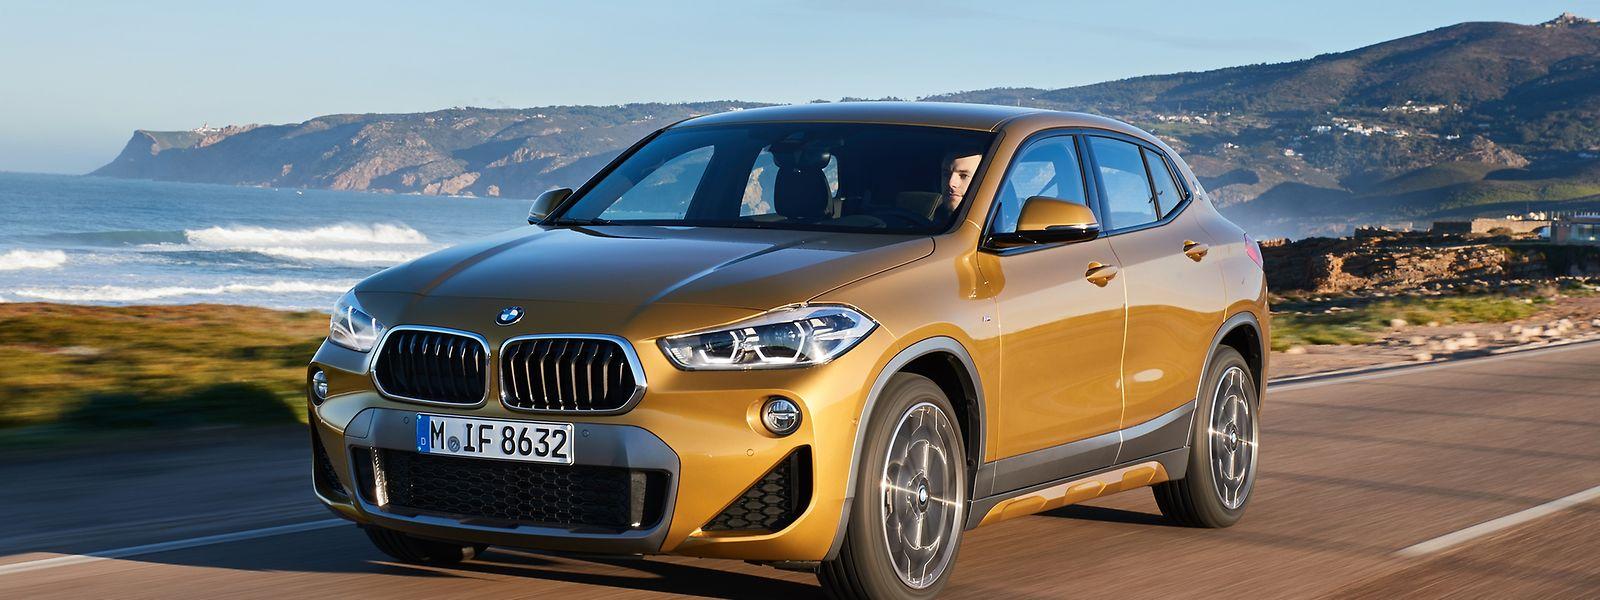 Der BMW X2 (auf unserem Bild die Variante M Sport X in der neuen Außenfarbe Galvanic Gold metallic) will als eigenständiges Fahrzeug auftreten. Deshalb haben die Bayern auch die bekannte Trapezform der Doppelniere erstmals umgekehrt.